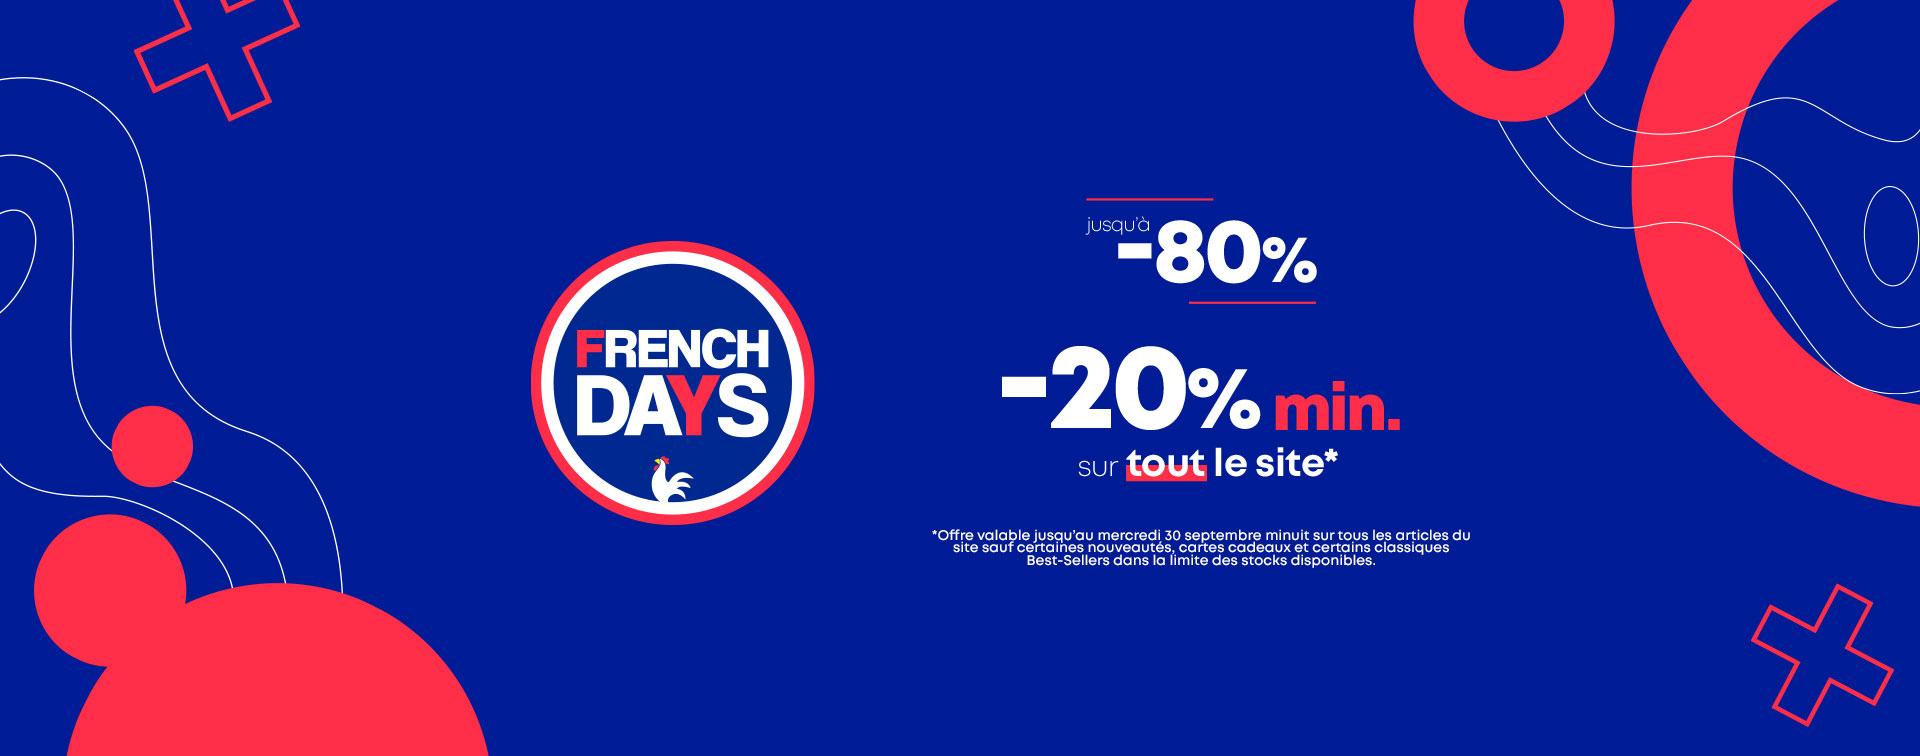 French Days : Jusqu'à -80%